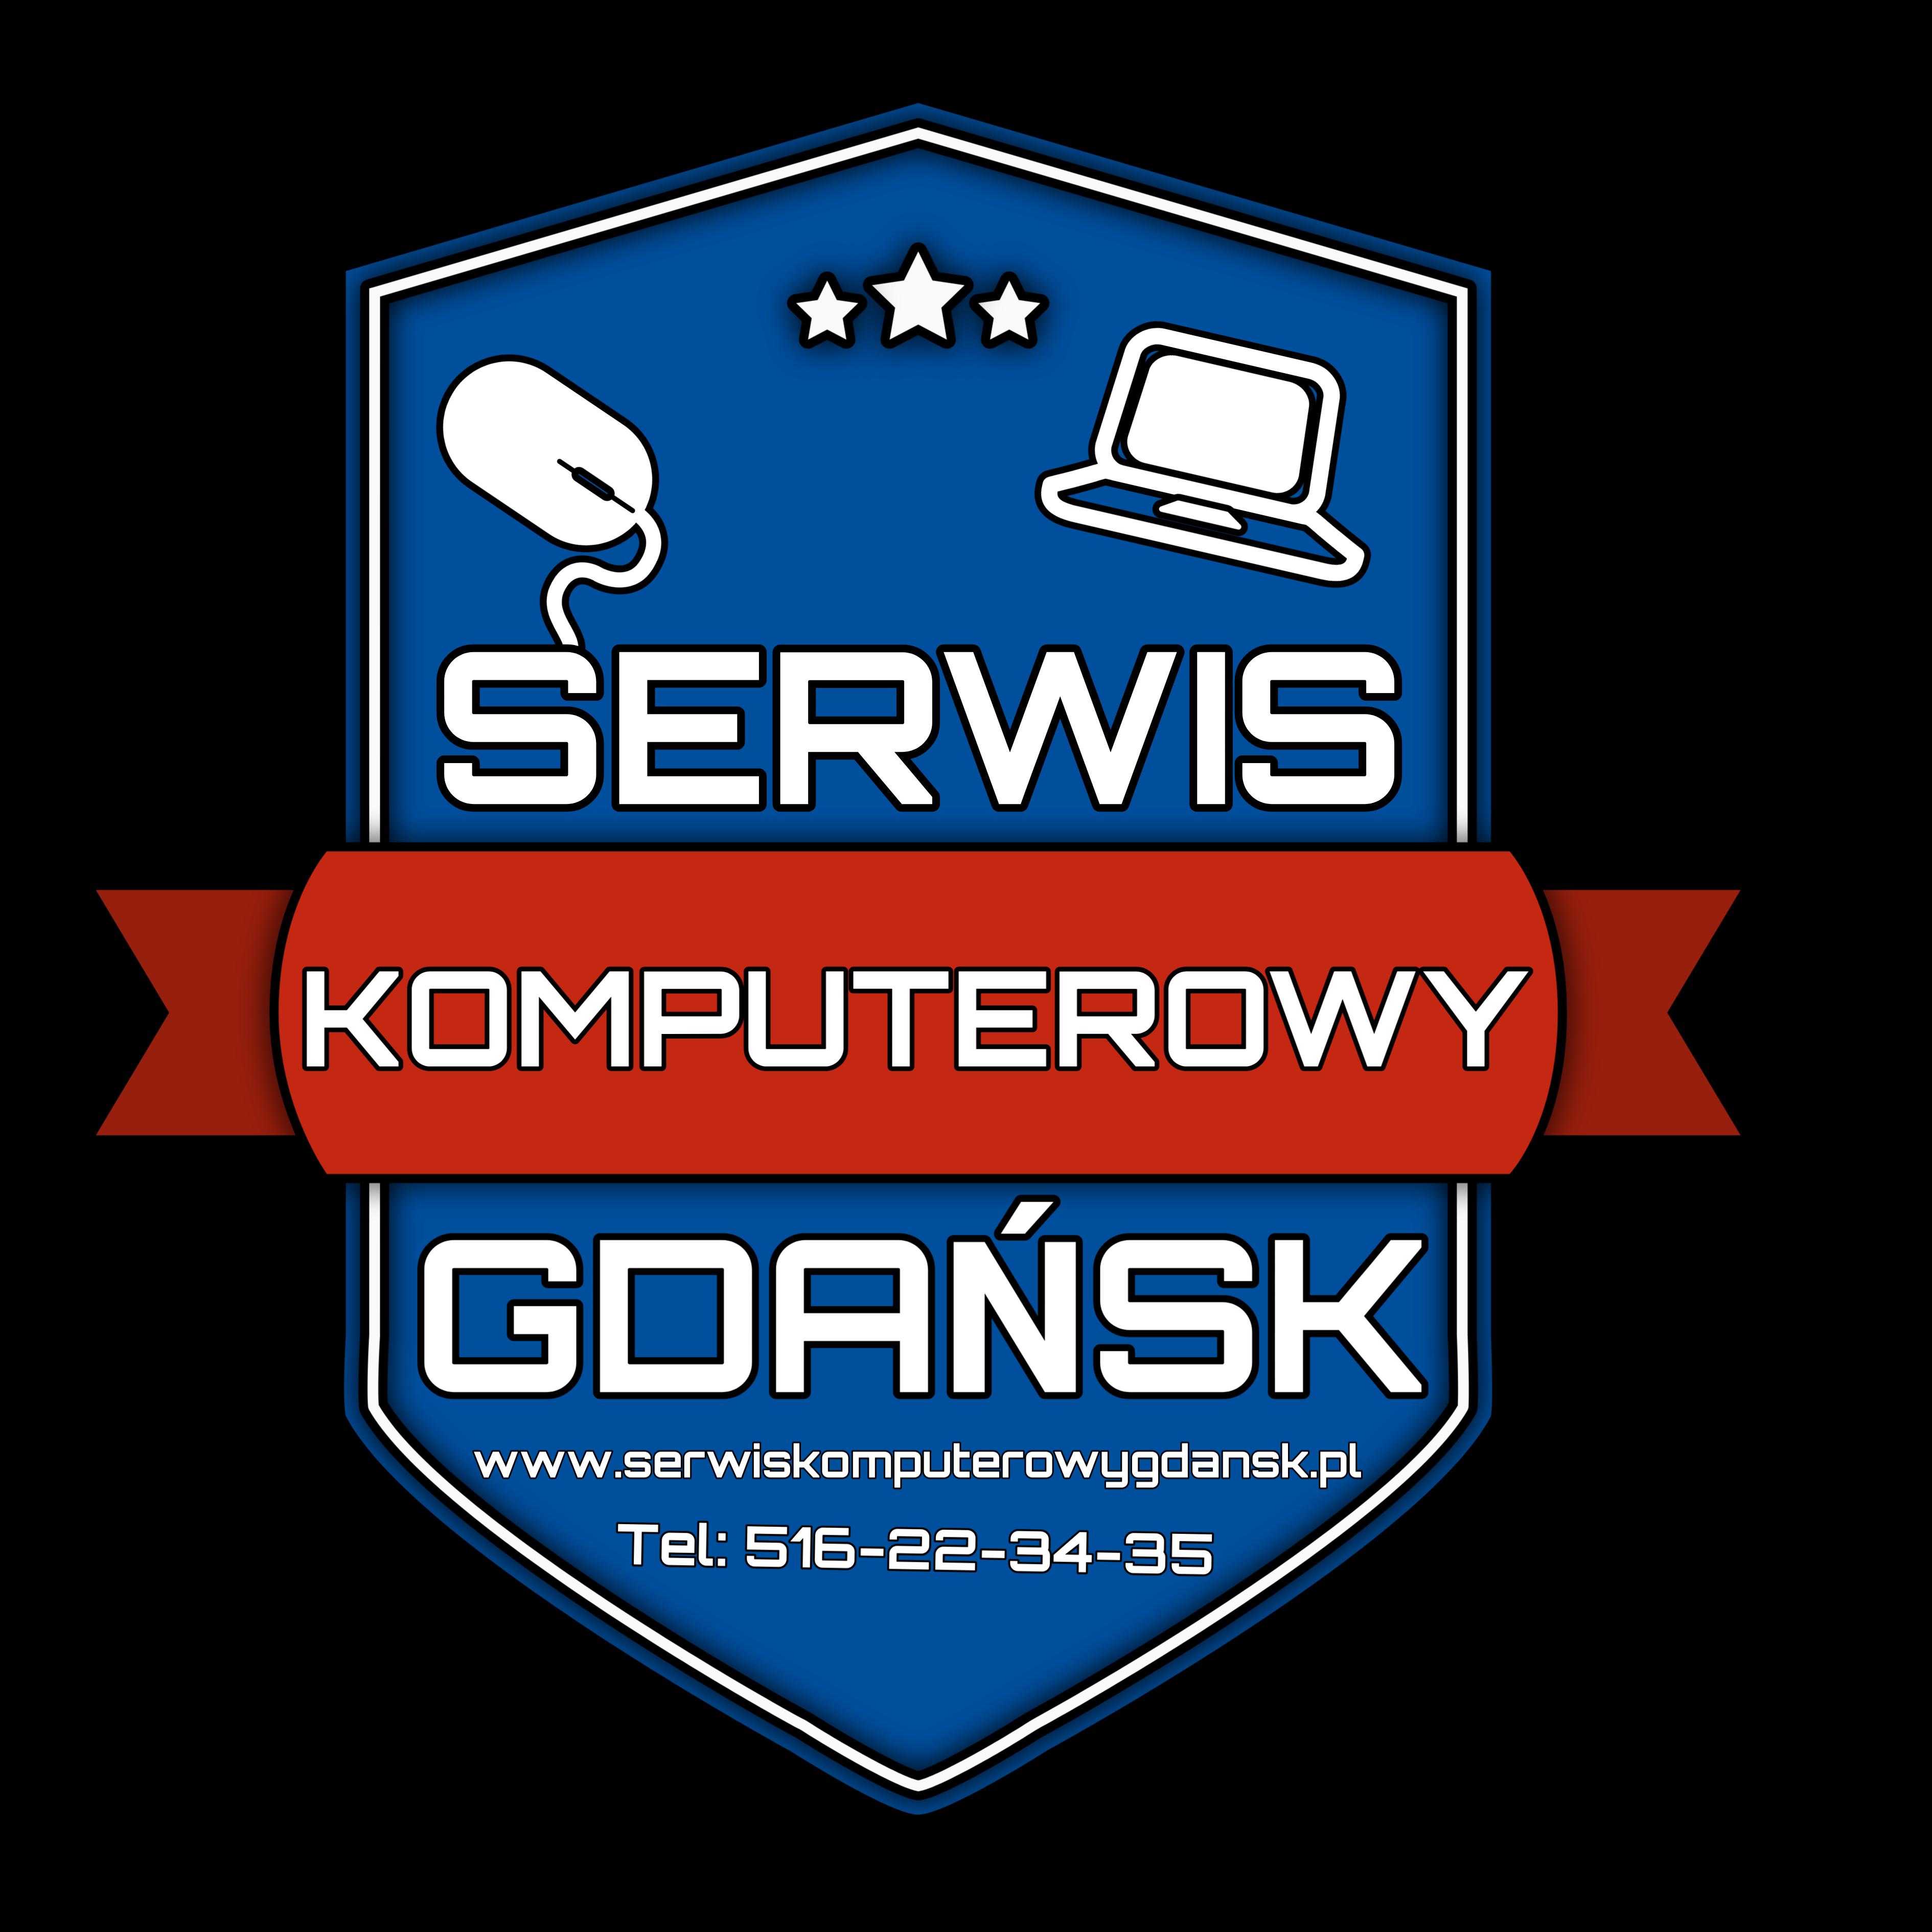 Serwis Komputerowy Gdańsk Kamil Wdowiak Tel: 516 22 34 35